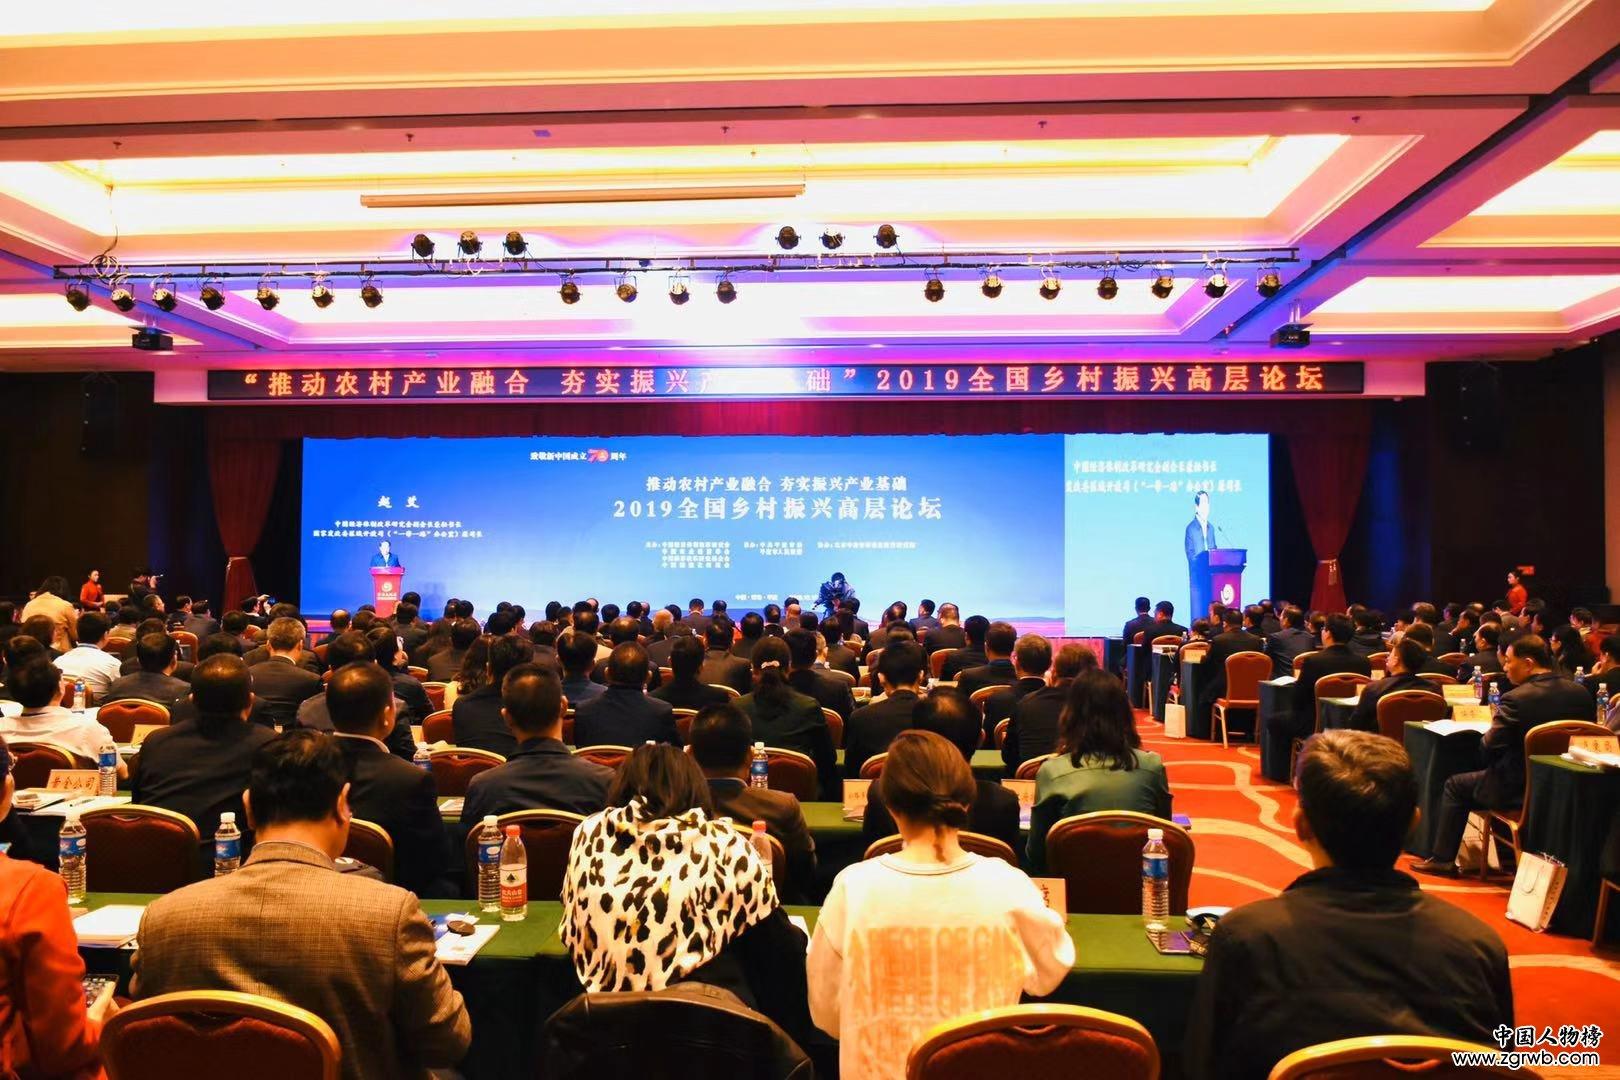 2019全国乡村振兴高层论坛在山东平度召开